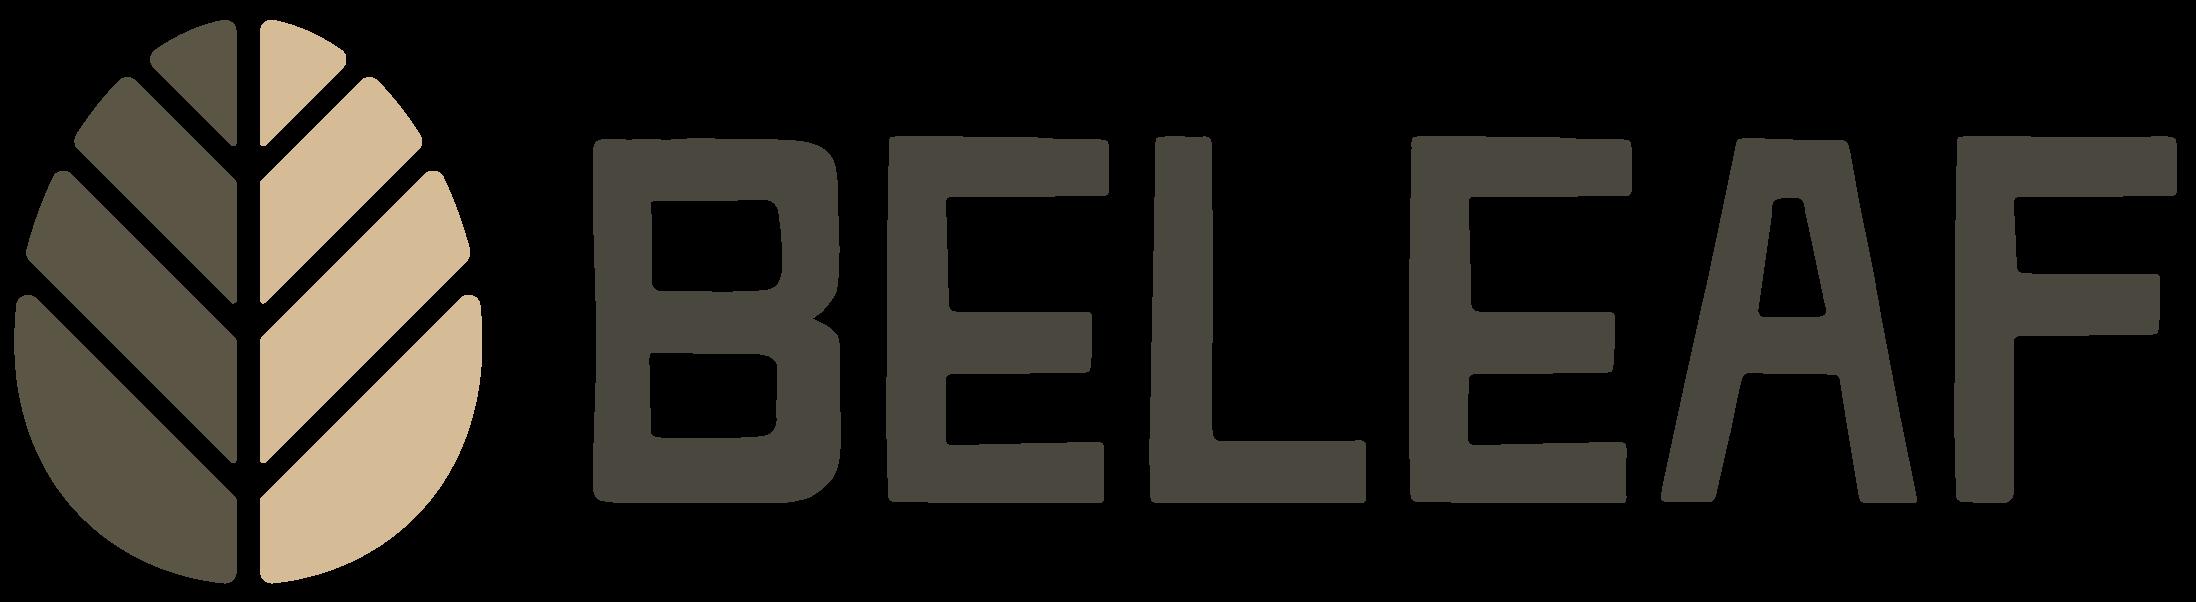 BELEAF-logo-w-herfst@2x